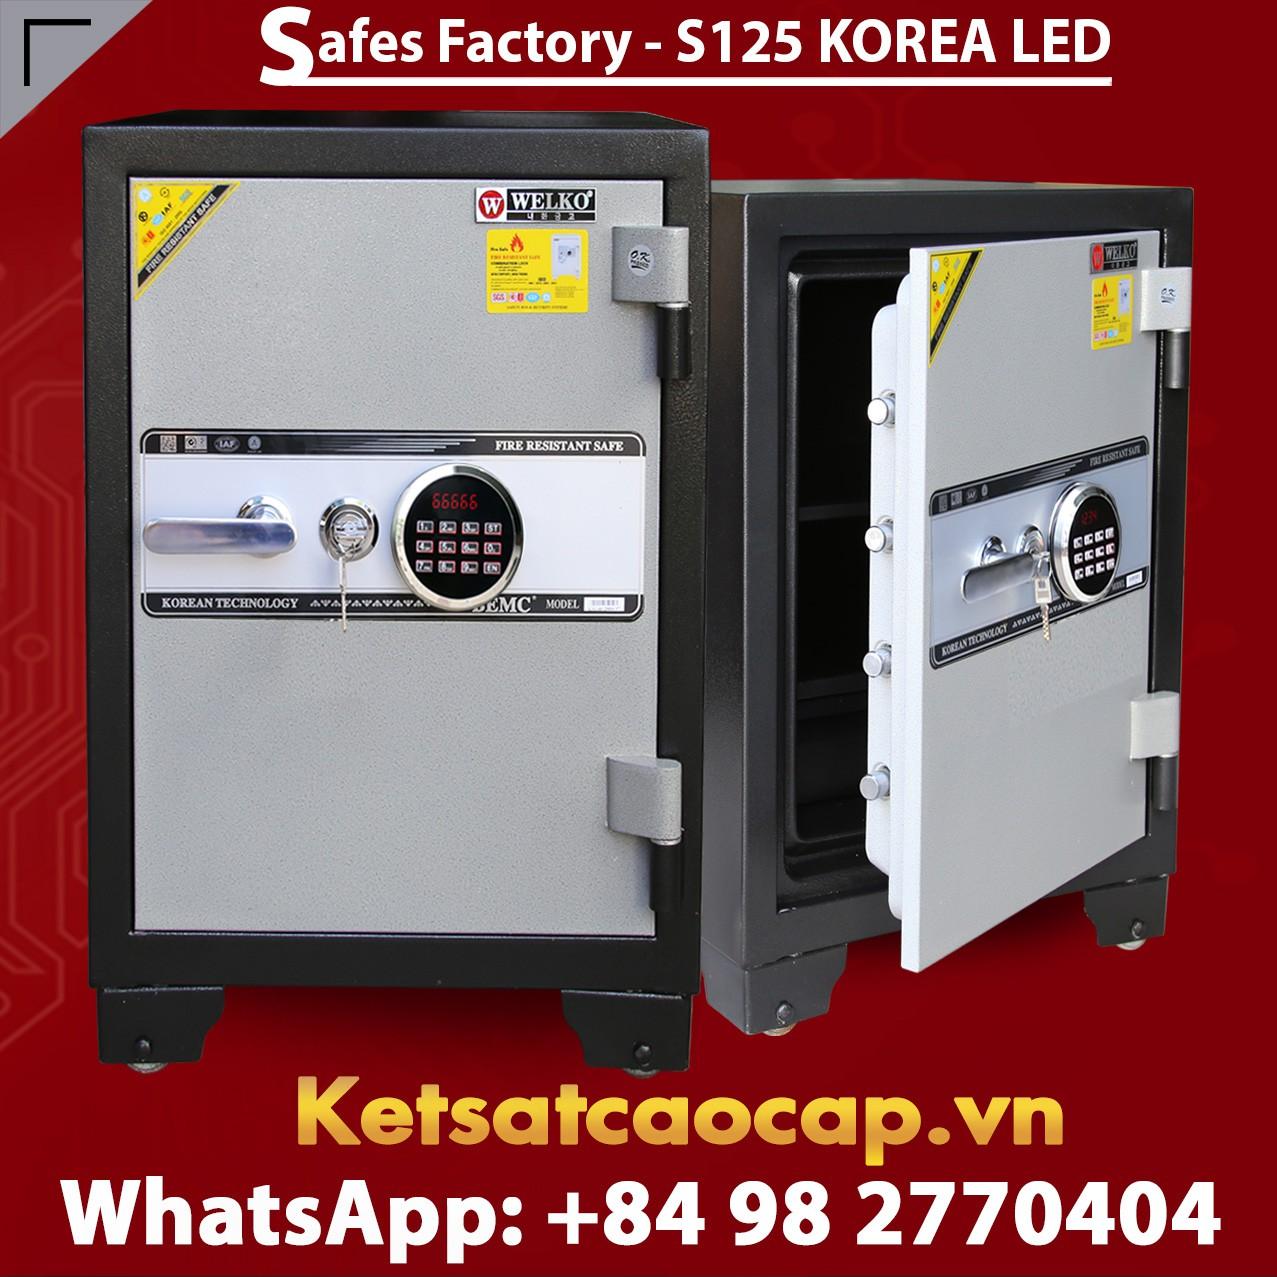 SECURITY STEEL SAFE S125 LED